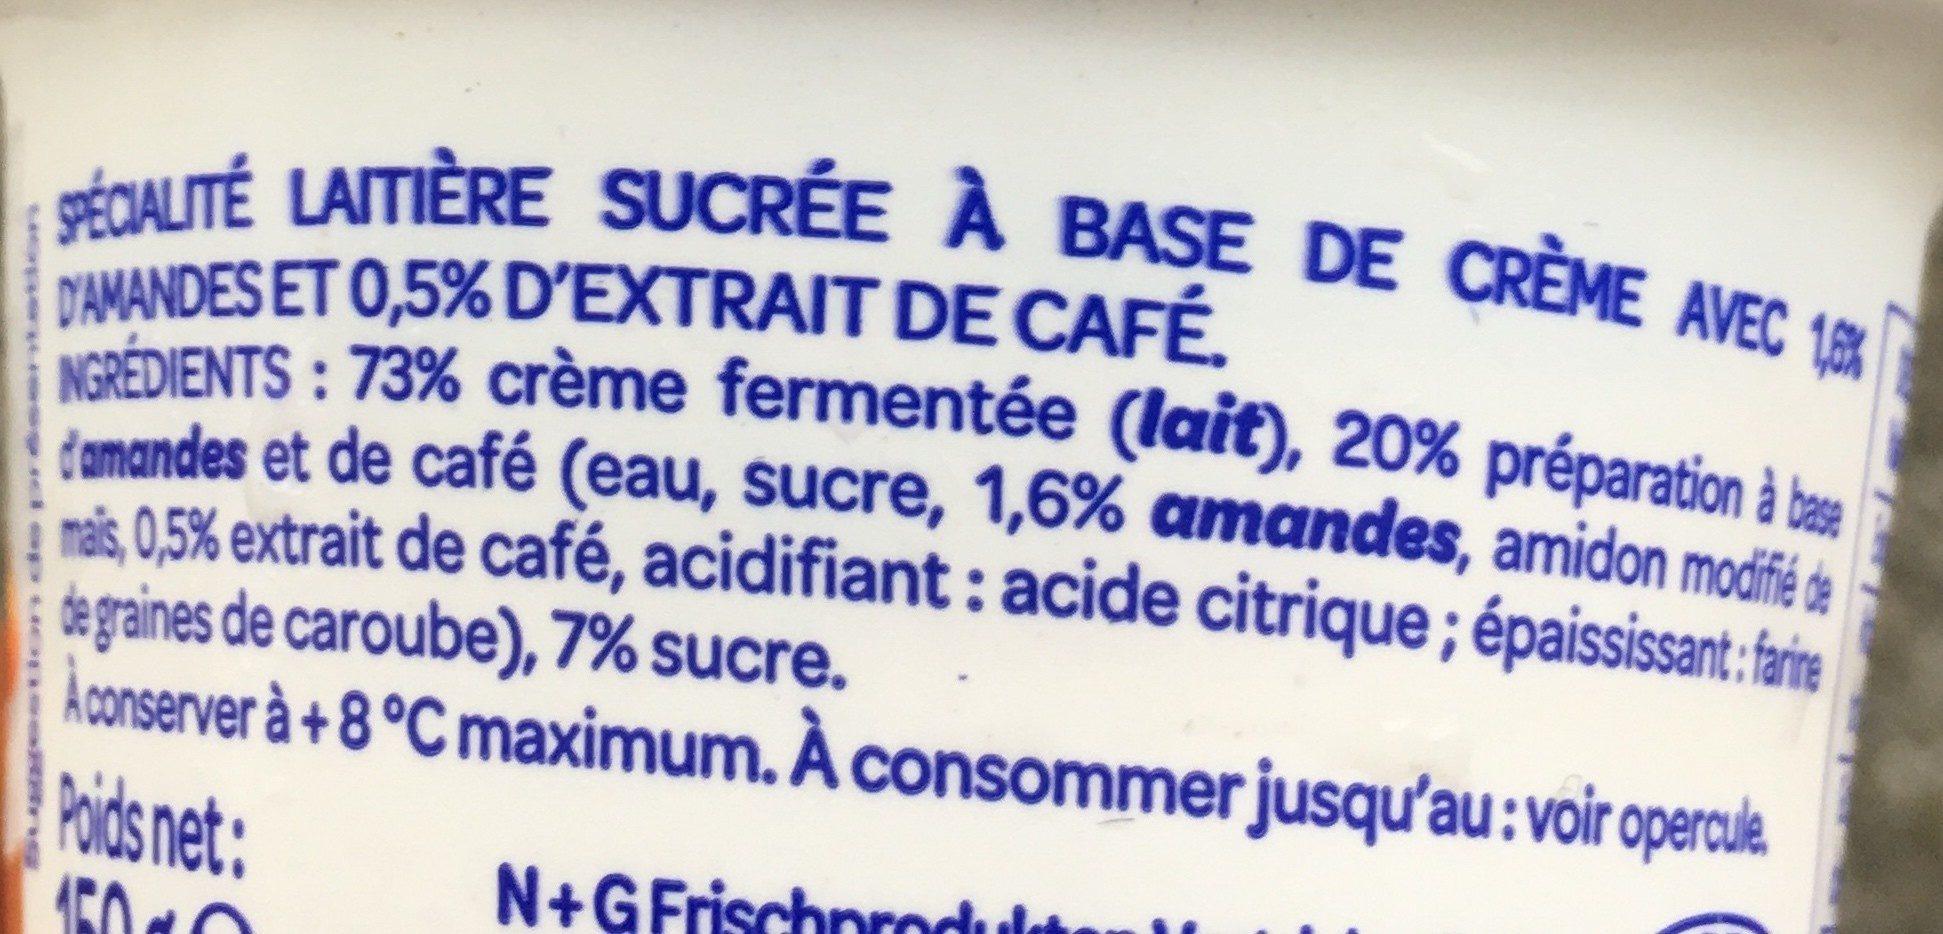 L'onctueux sur lit cafés amandes - Ingrediënten - fr